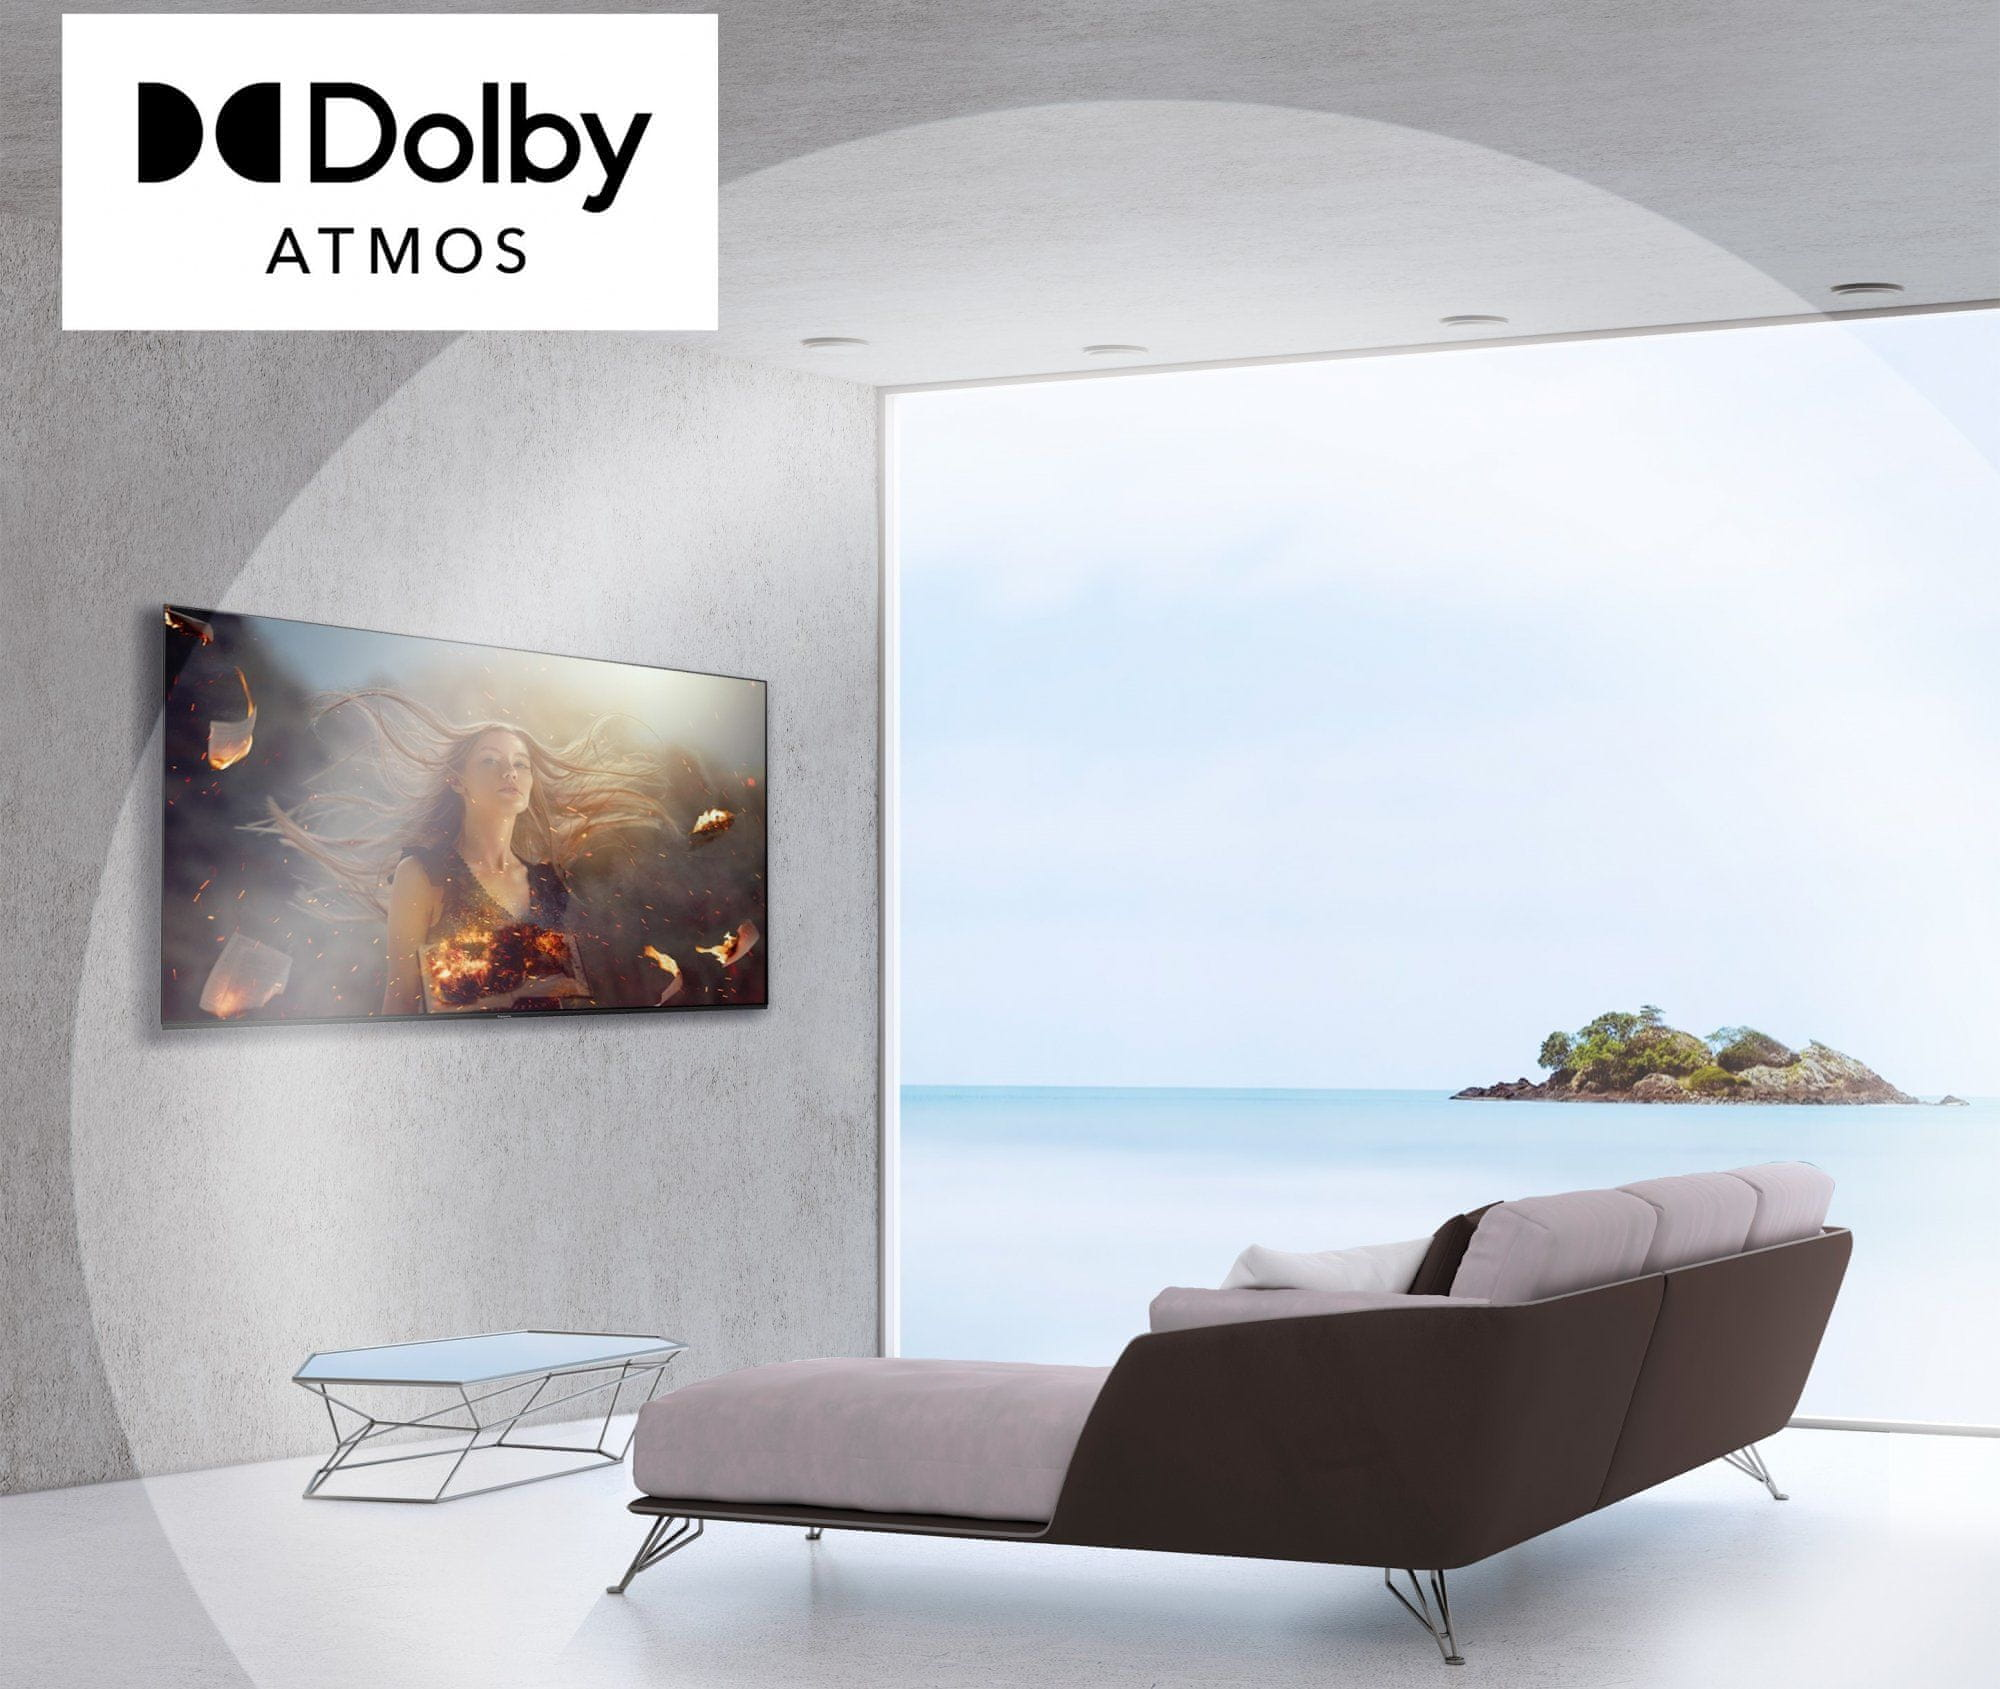 Panasonic TV televize OLED 4K 2021 integrált hangszórók woofer dolby atmos